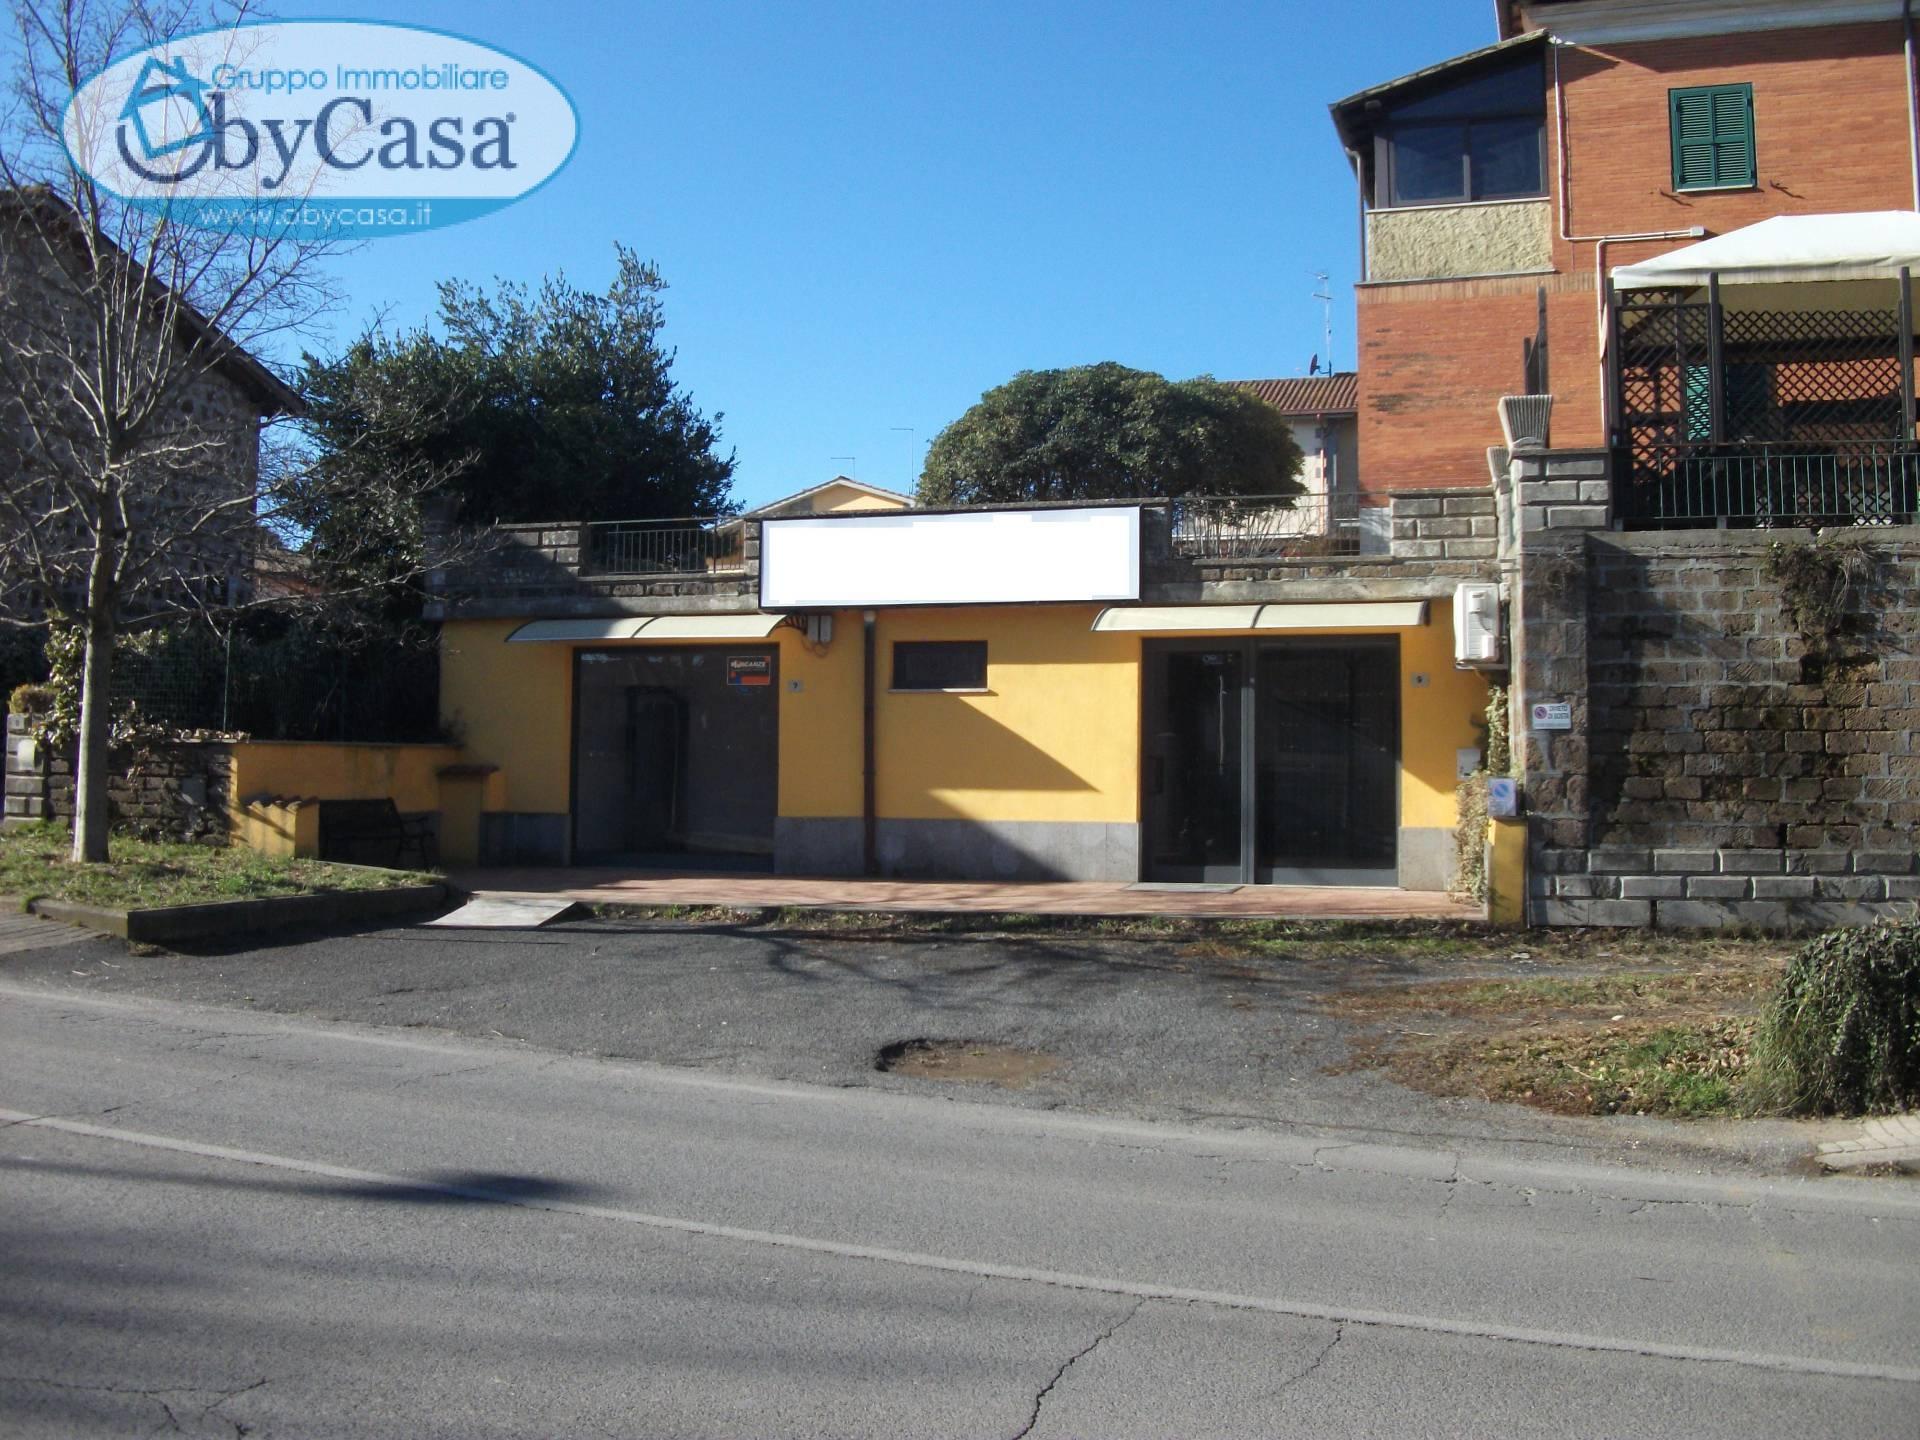 Negozio / Locale in vendita a Oriolo Romano, 9999 locali, prezzo € 99.000 | Cambio Casa.it